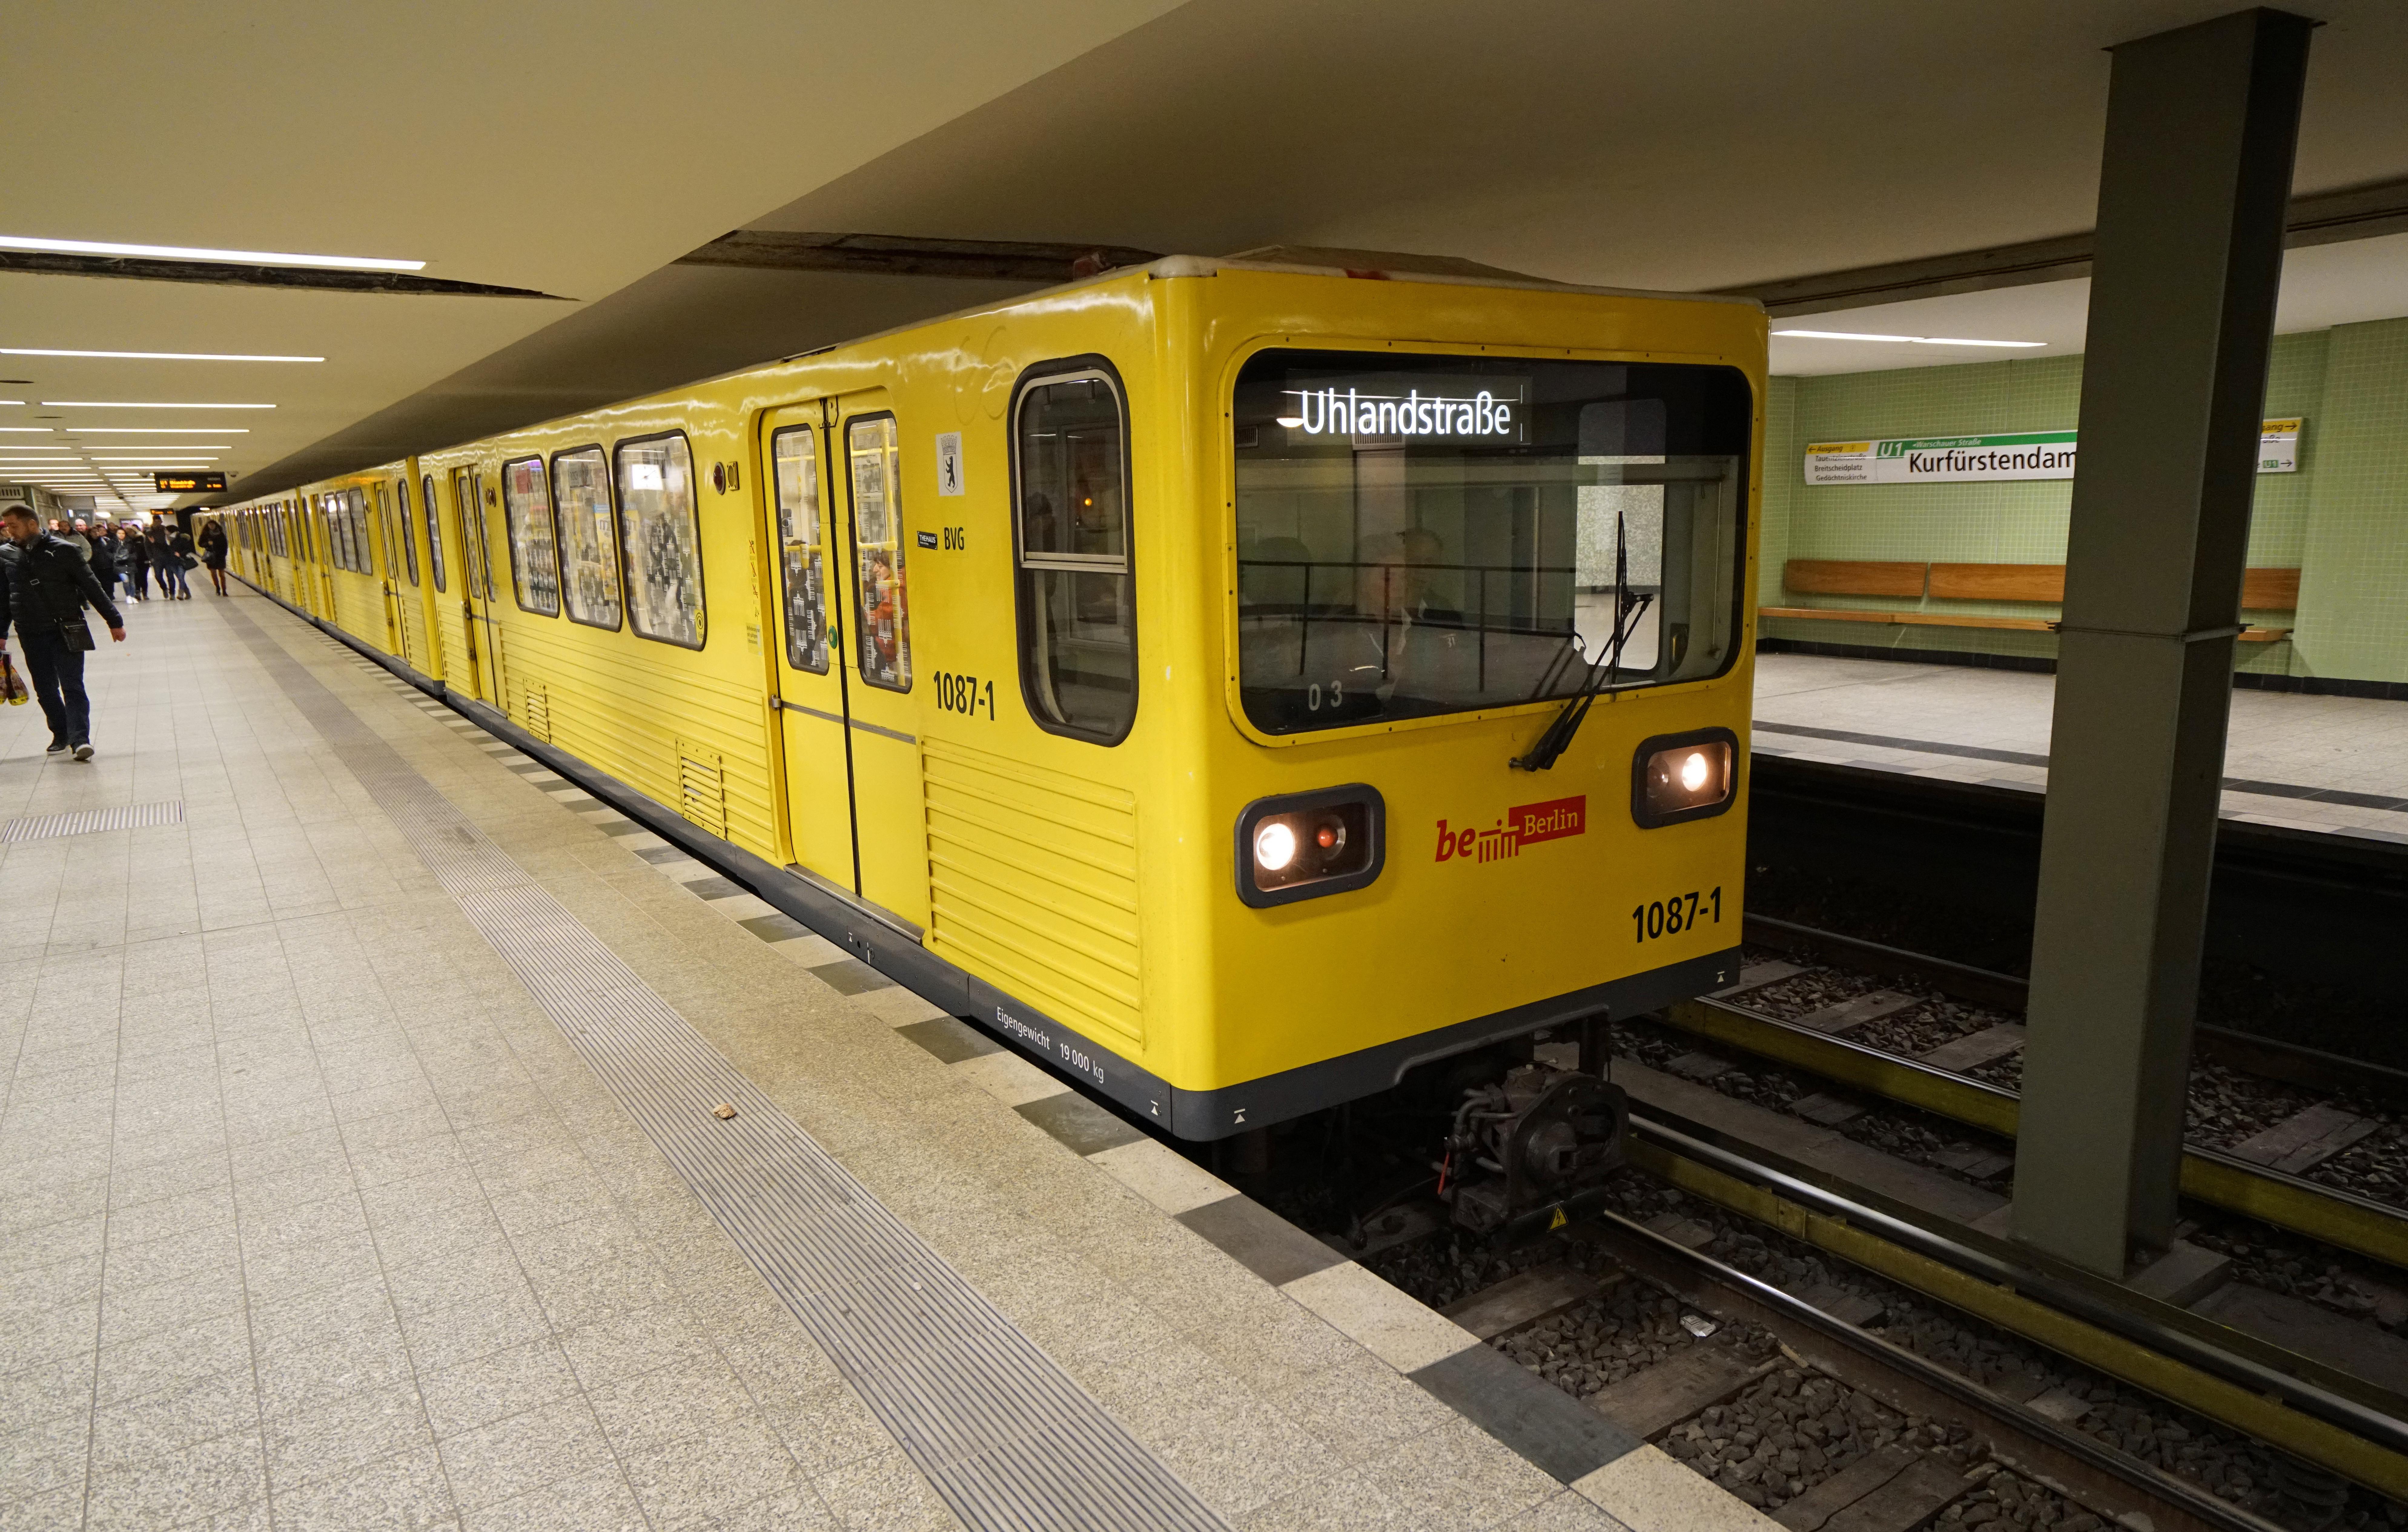 Zug der BVG Baureihe G des Herstellers LEW im U Bahnhof Kurfürstendamm auf der U Bahn Linie 1 der U Bahn Berlin Diese Baureihe ist einzige in der